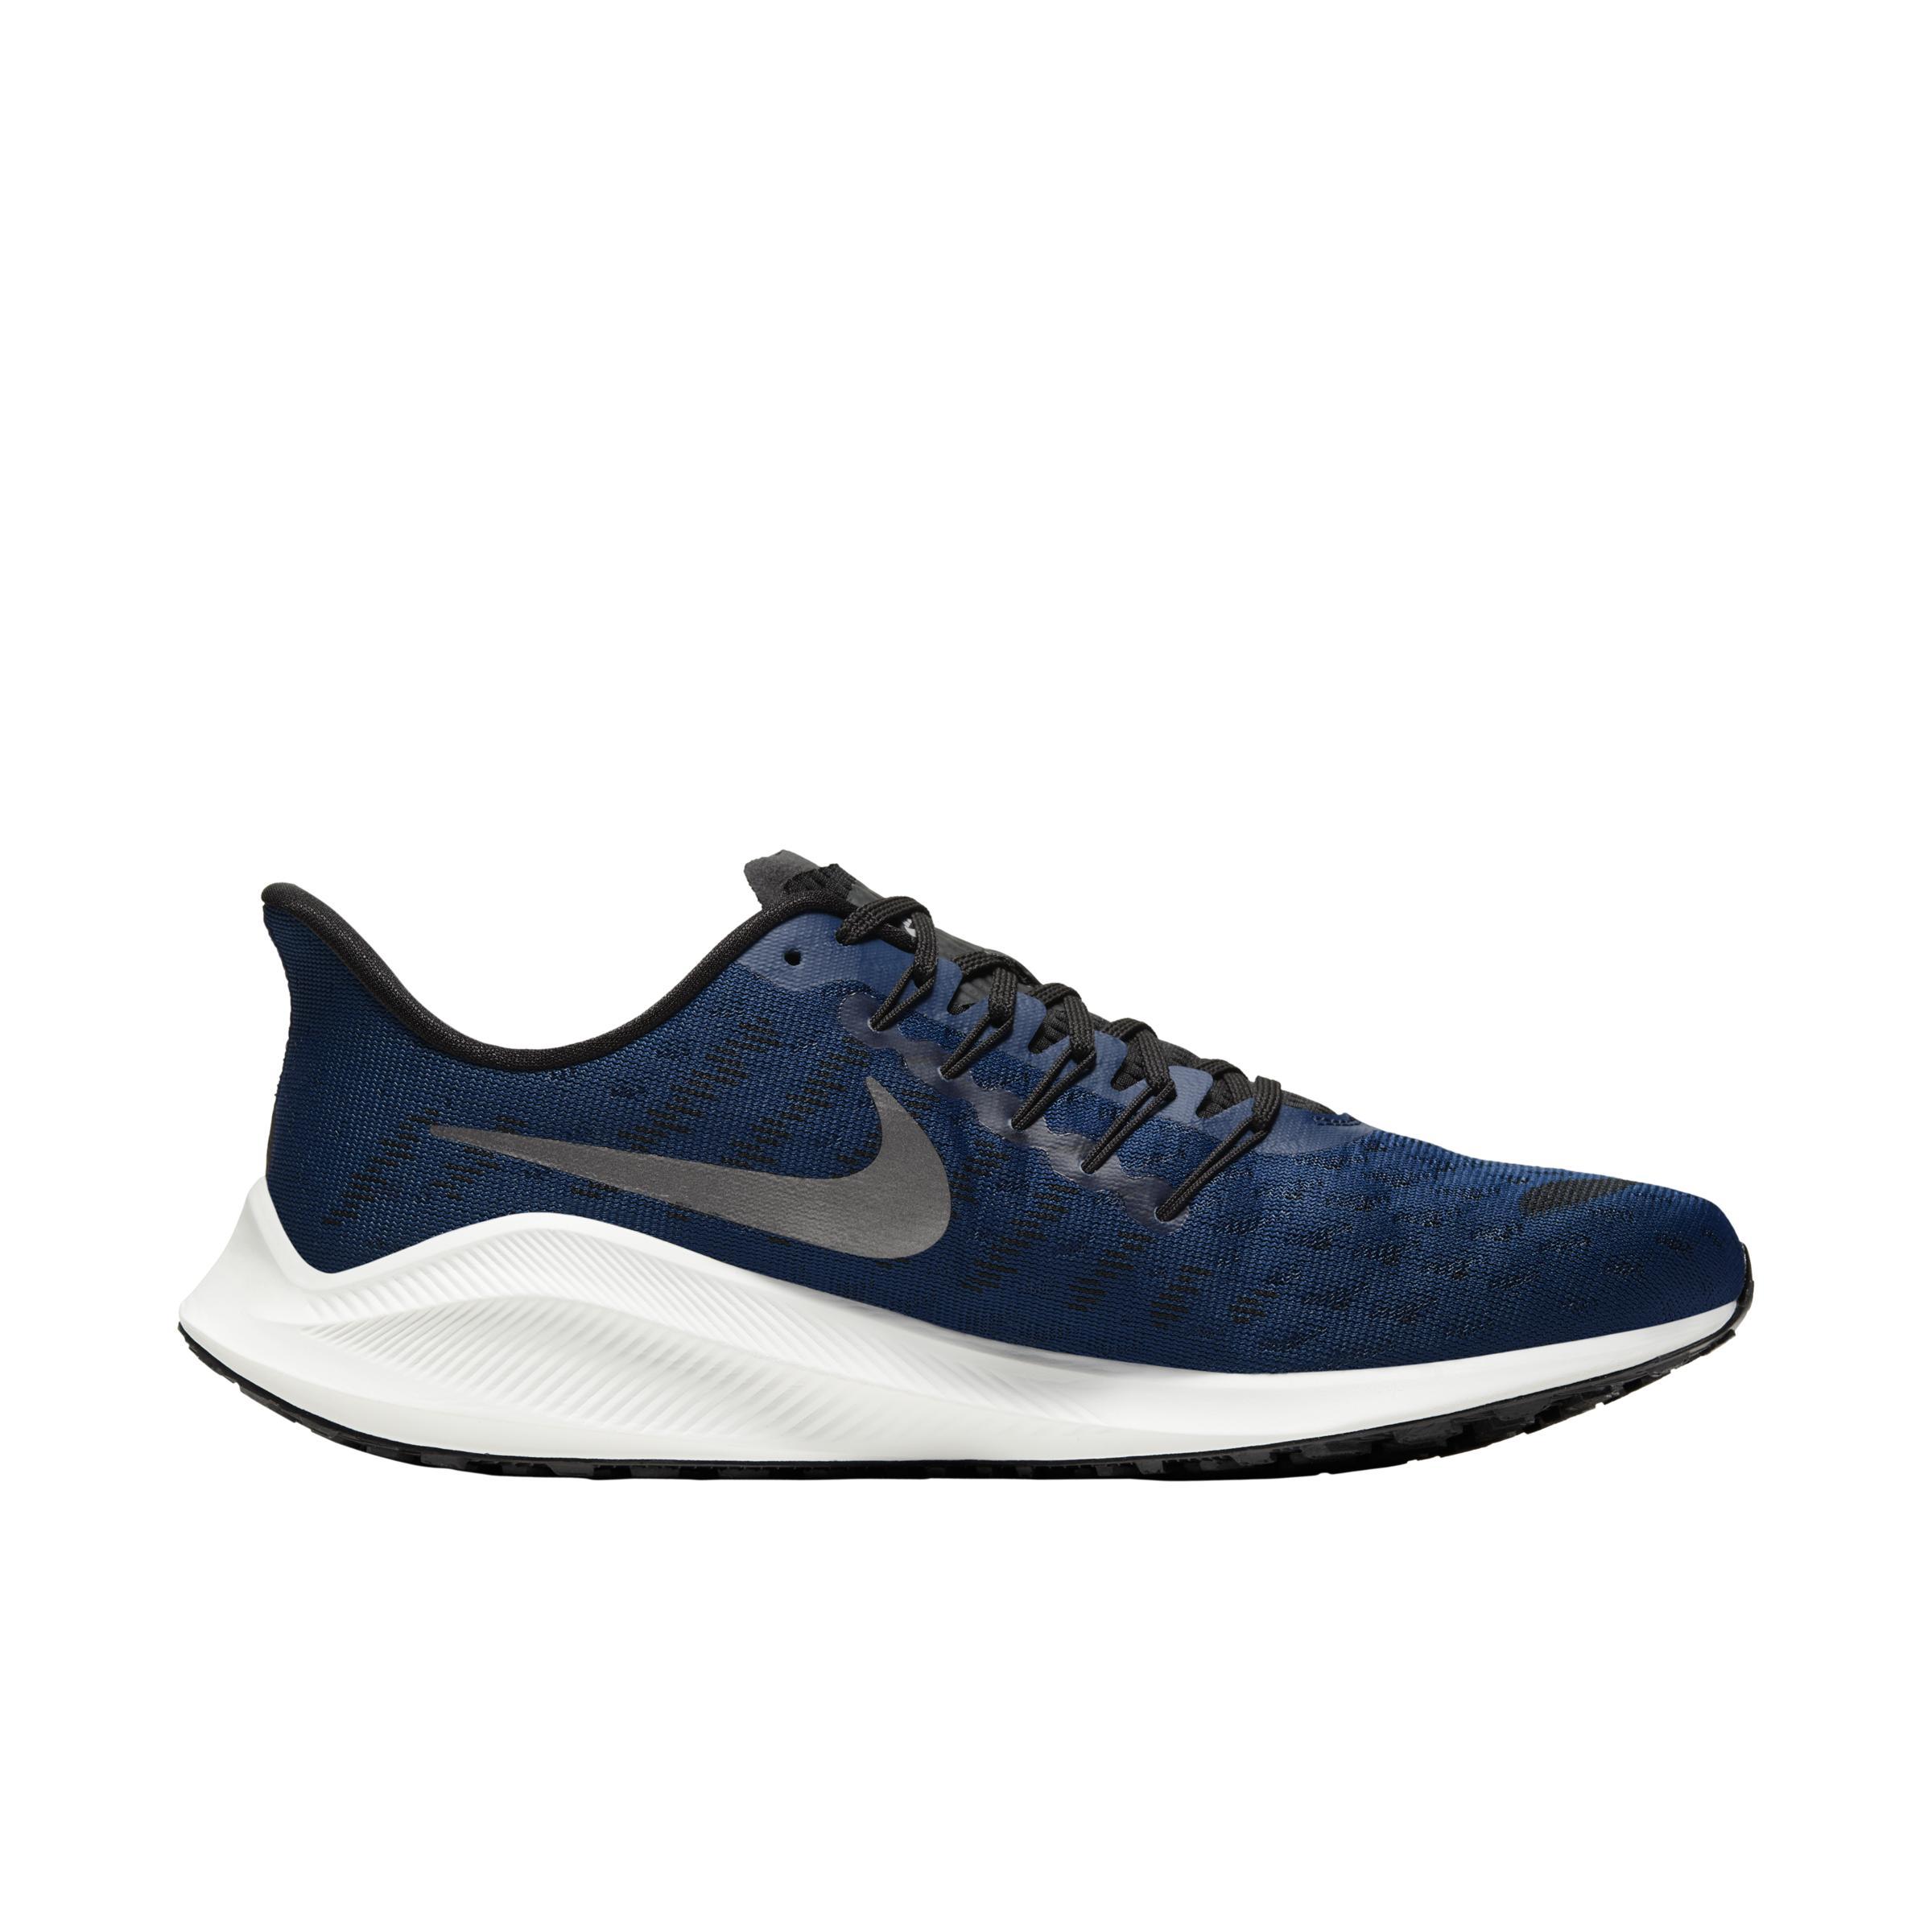 Air Zoom Vomero 14 Zapatillas de running Nike de hombre de color Azul